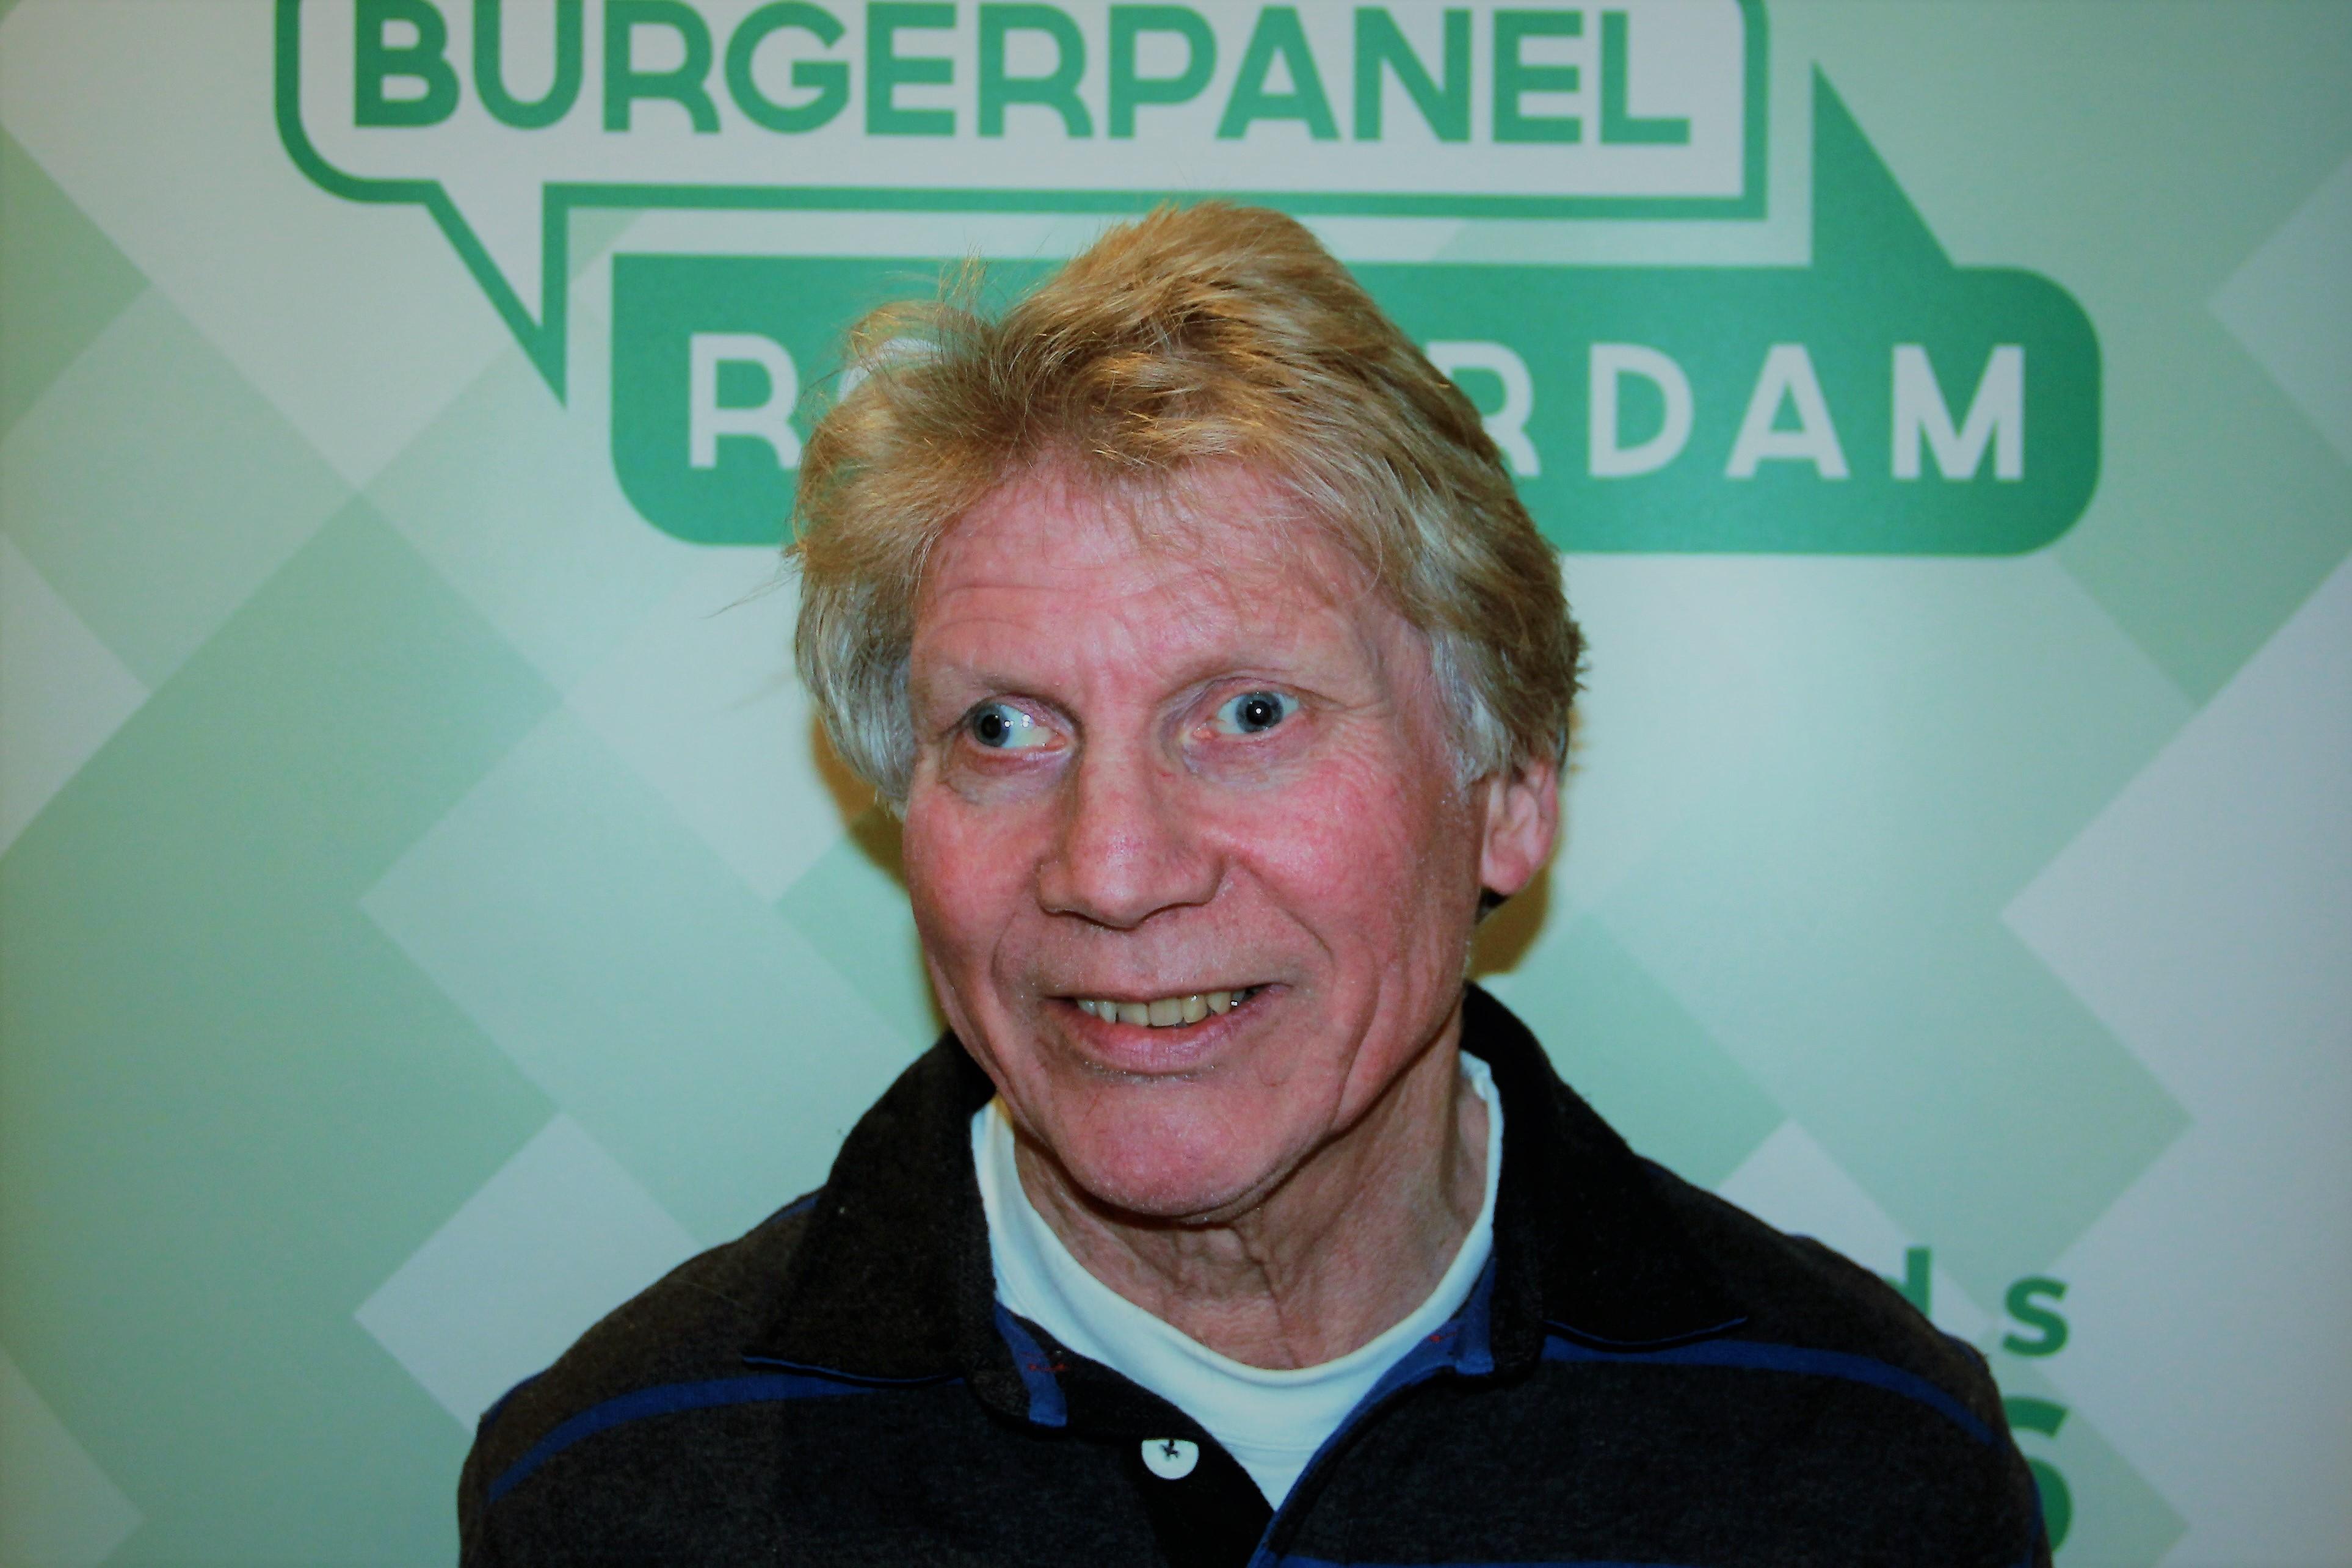 Bram Van Norden